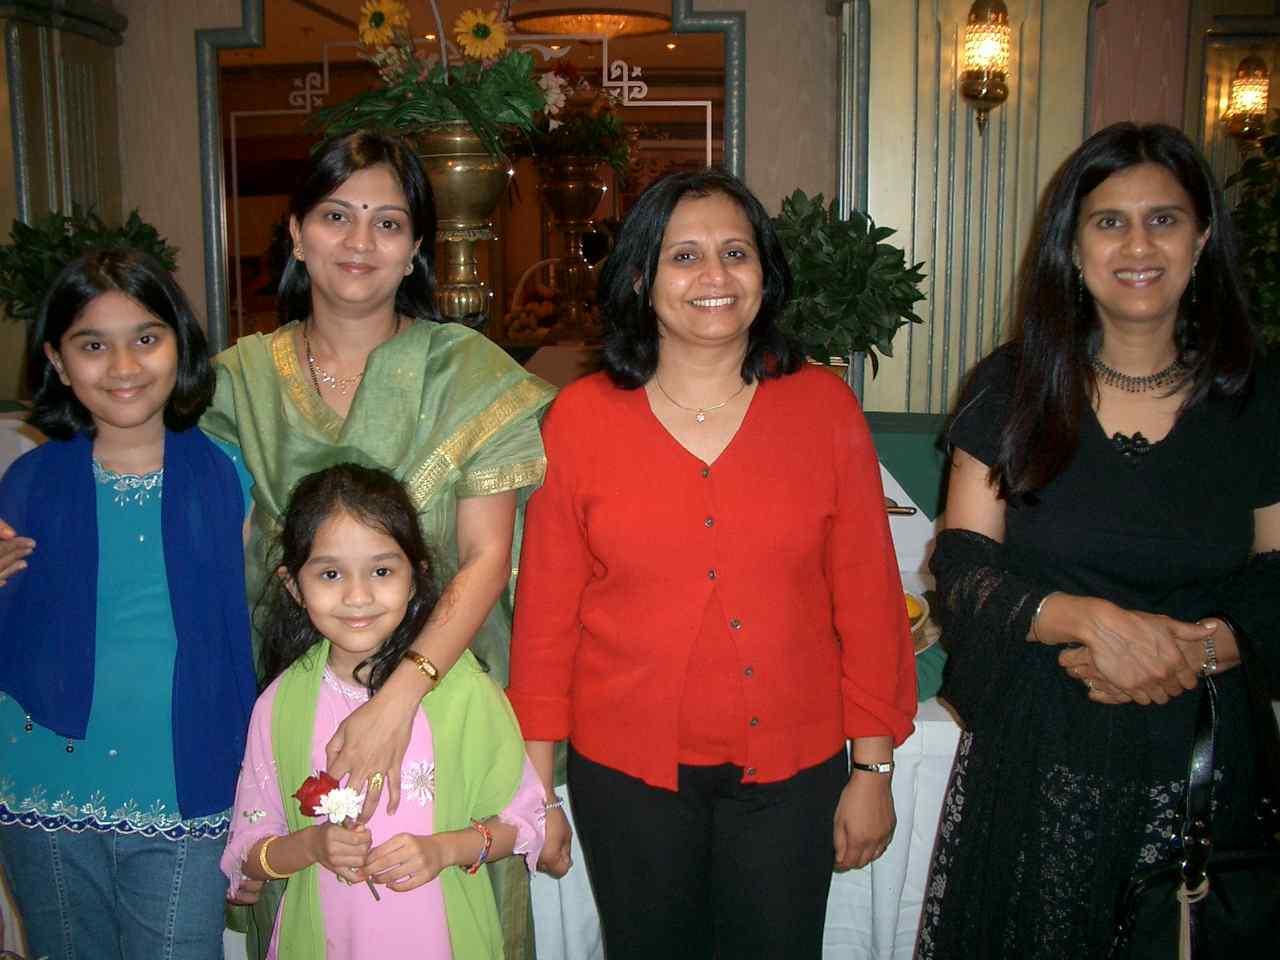 Pallavi, Shubhada, Apoorvaa, Madhuri, Amita